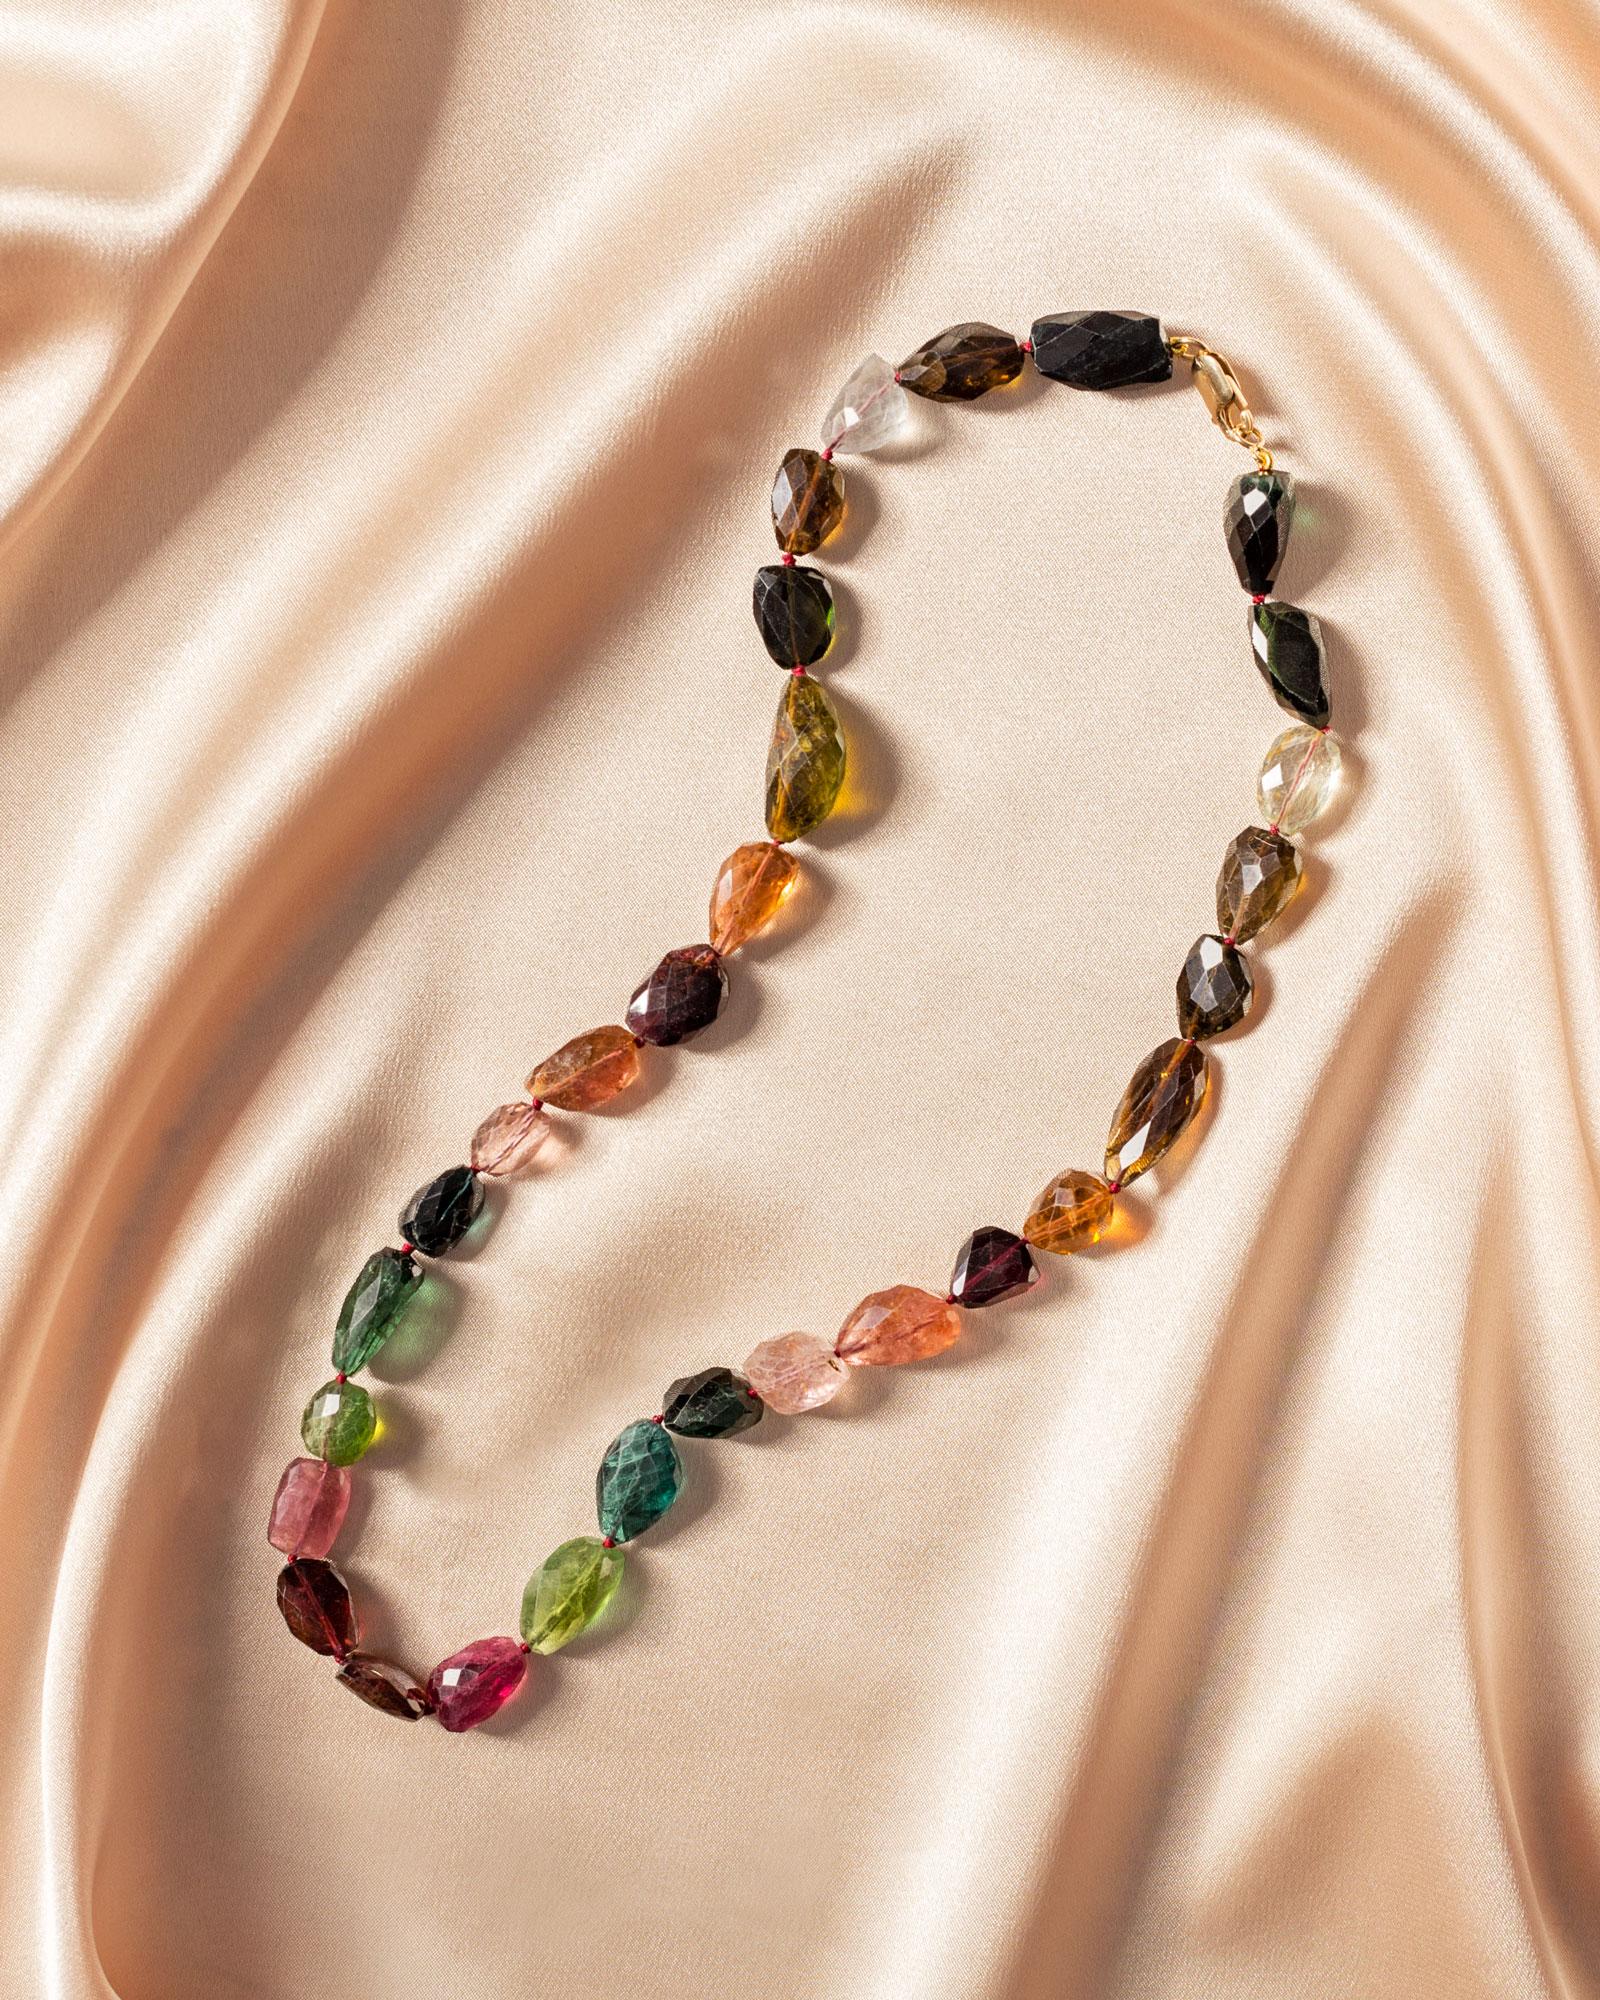 corina-landa-still-life-jewelry-joyeria-photography-marybola-2996.jpg